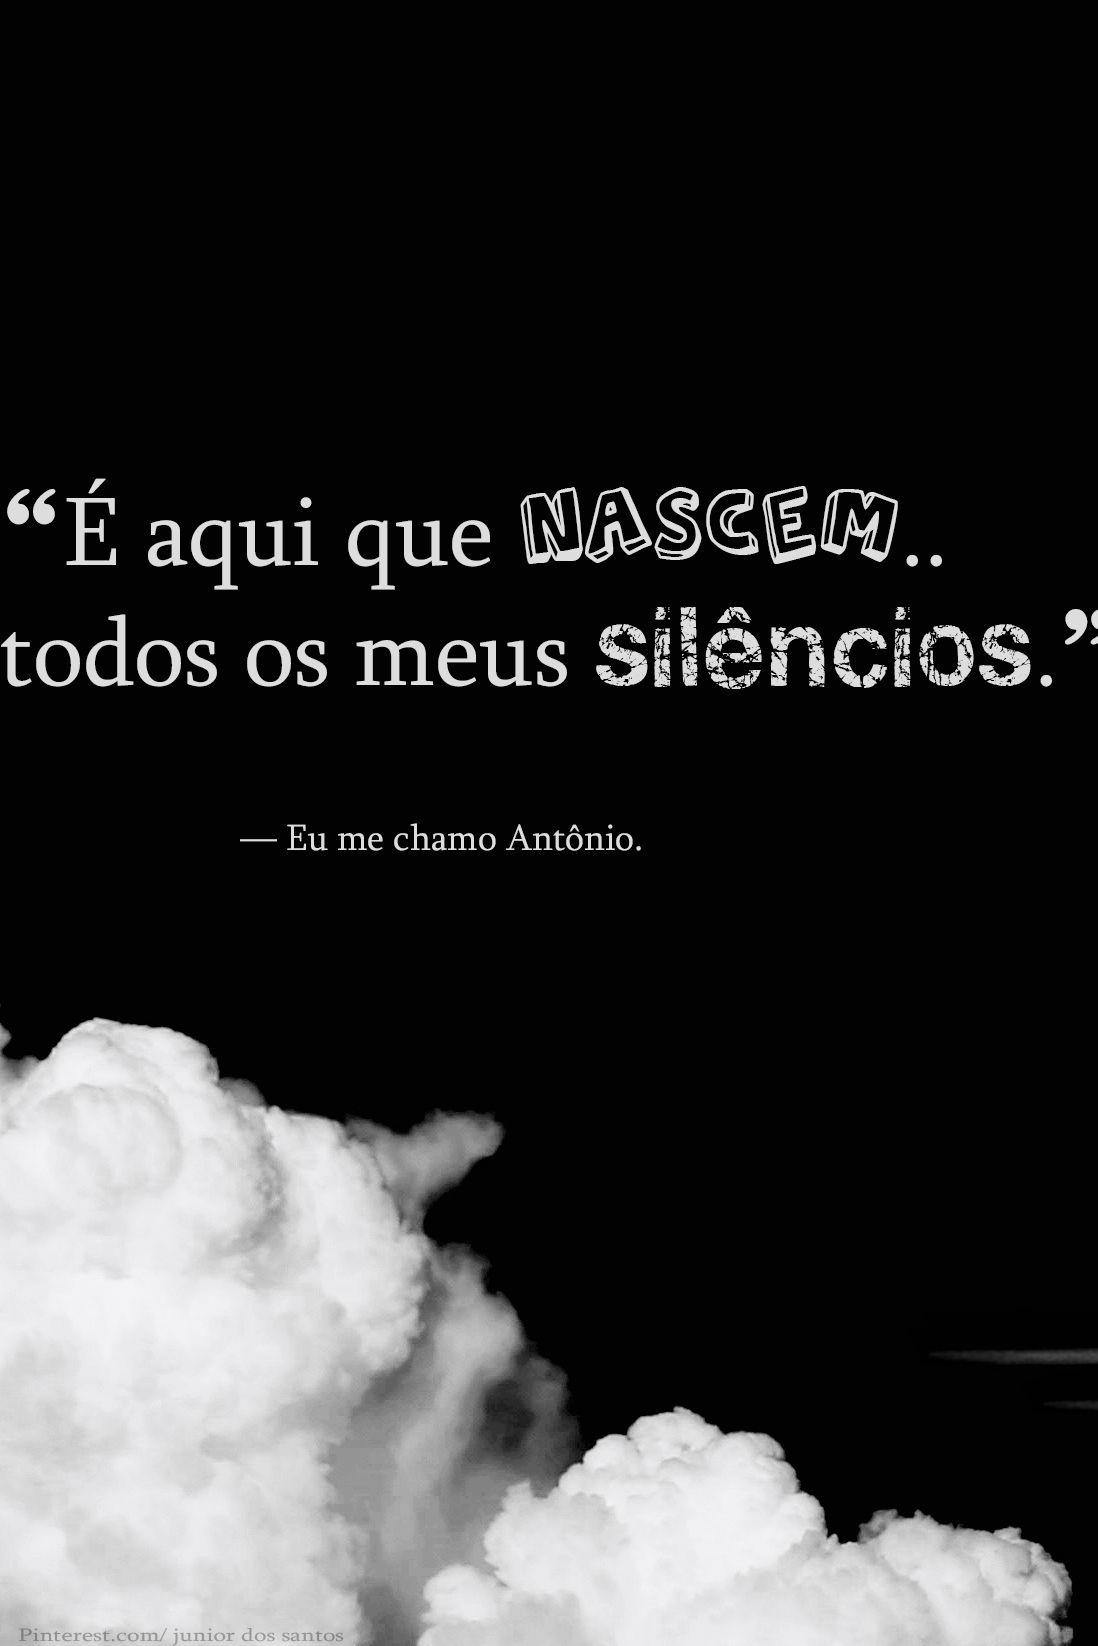 """""""É aqui que nascem todos os meus silêncios."""" — Eu me chamo Antônio.   http://www.pinterest.com/dossantos0445/al%C3%A9m-de-voc%C3%AA/"""